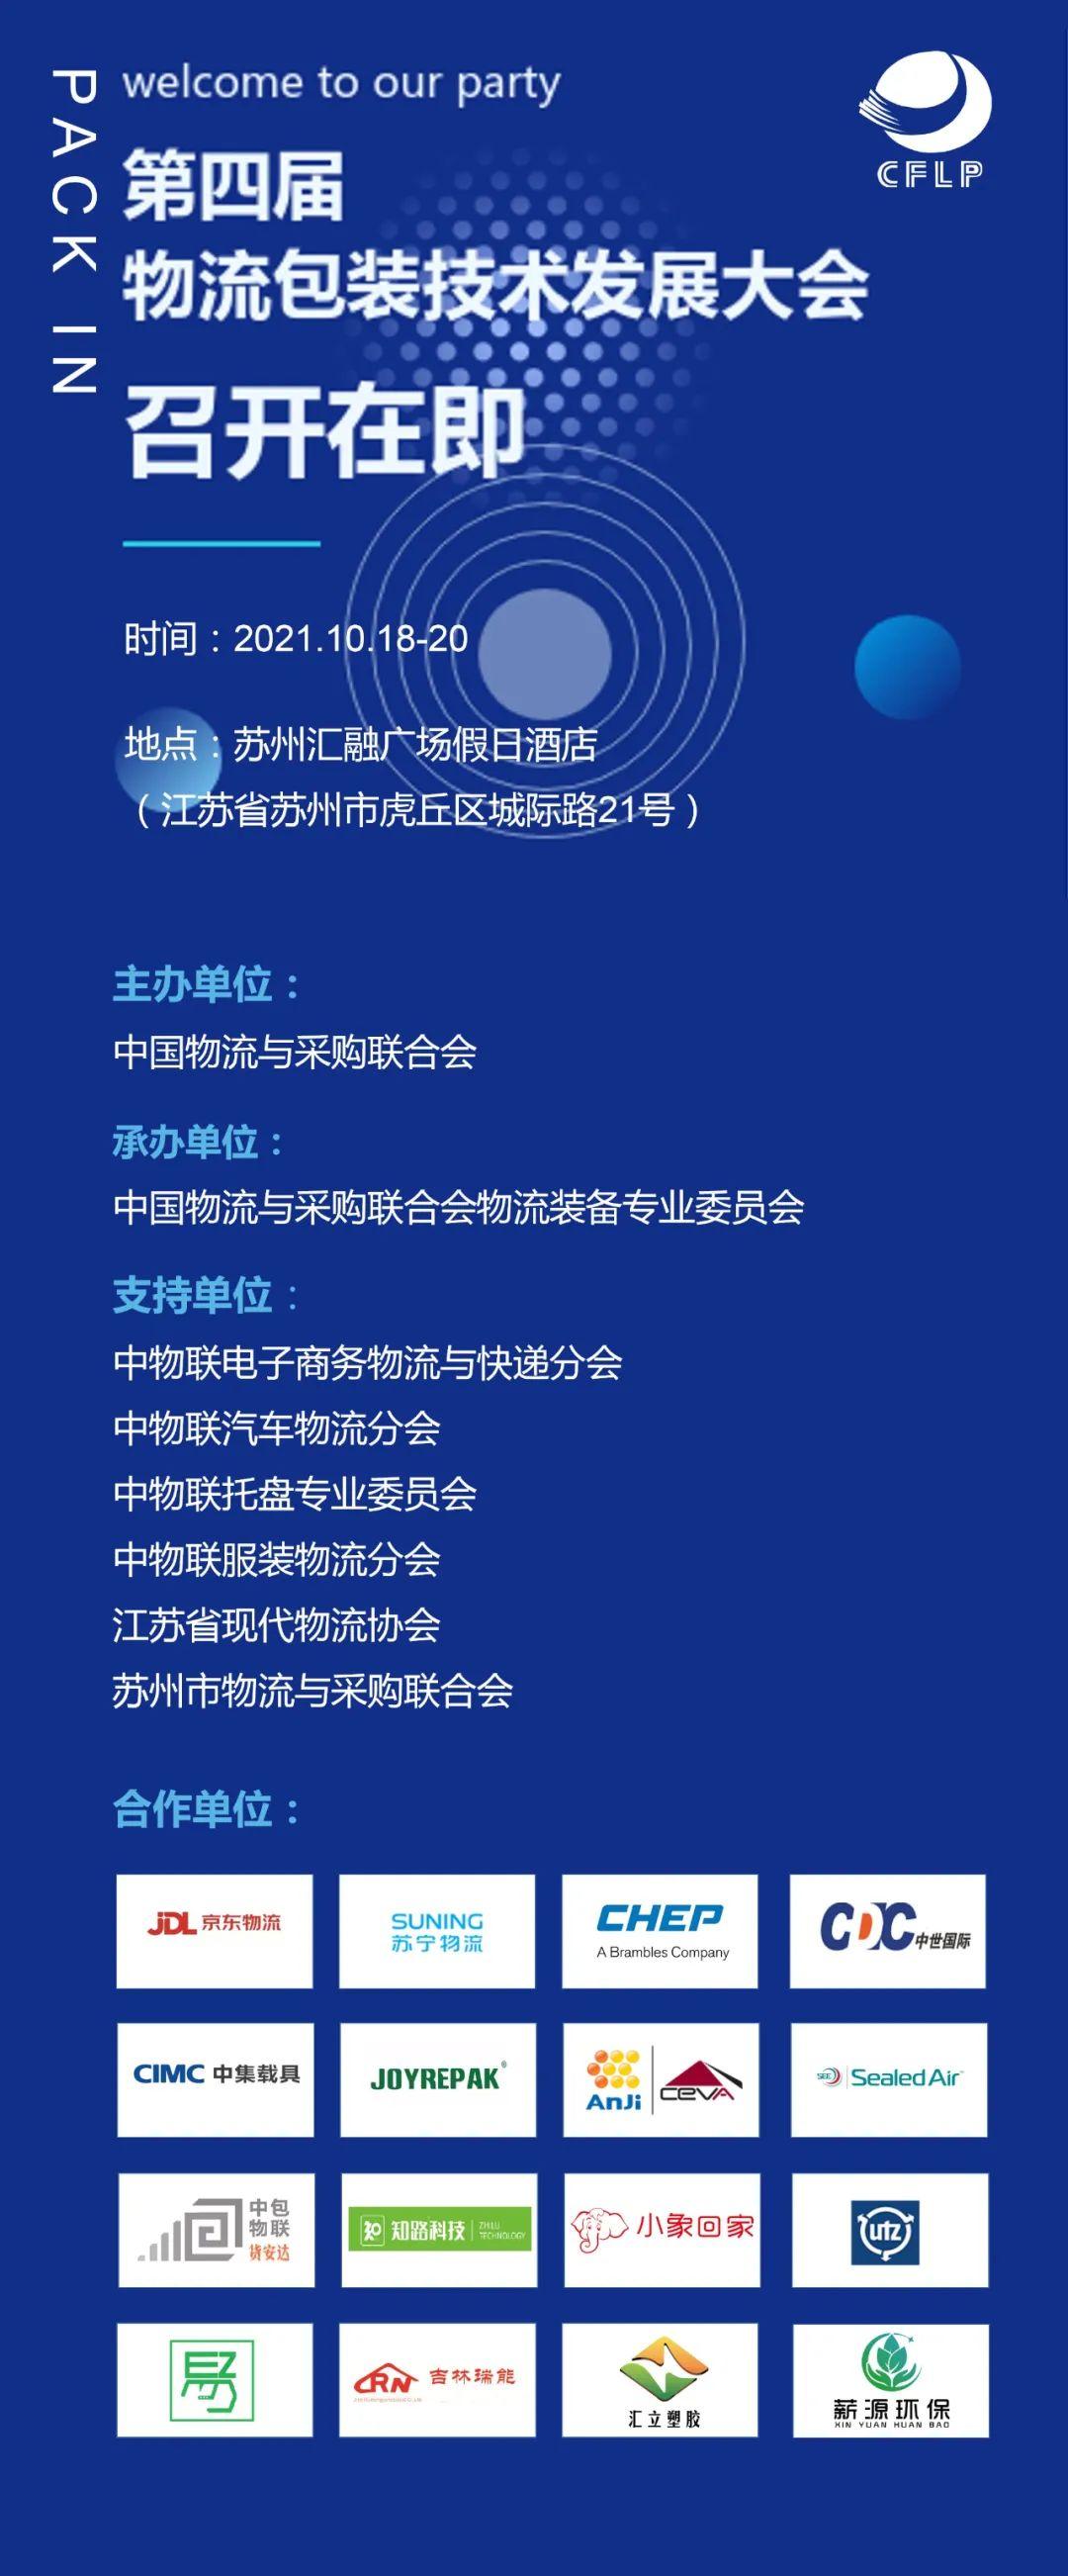 大会日程2.0 | 第四届物流包装技术发展大会(内附参会企业名录)